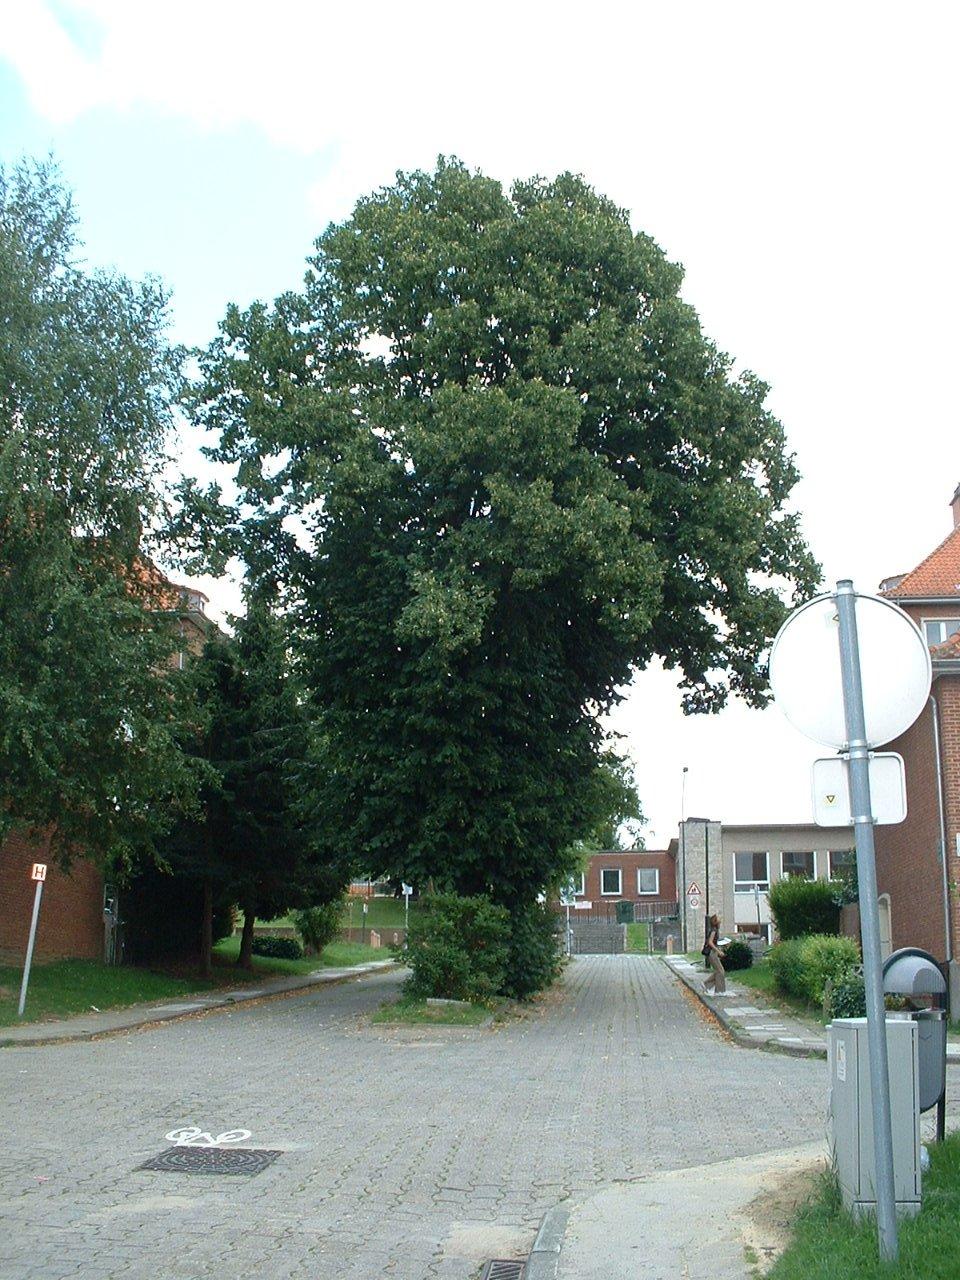 Tilleul à larges feuilles – Auderghem, Rue Franciscus Vandevelde –  02 Août 2005